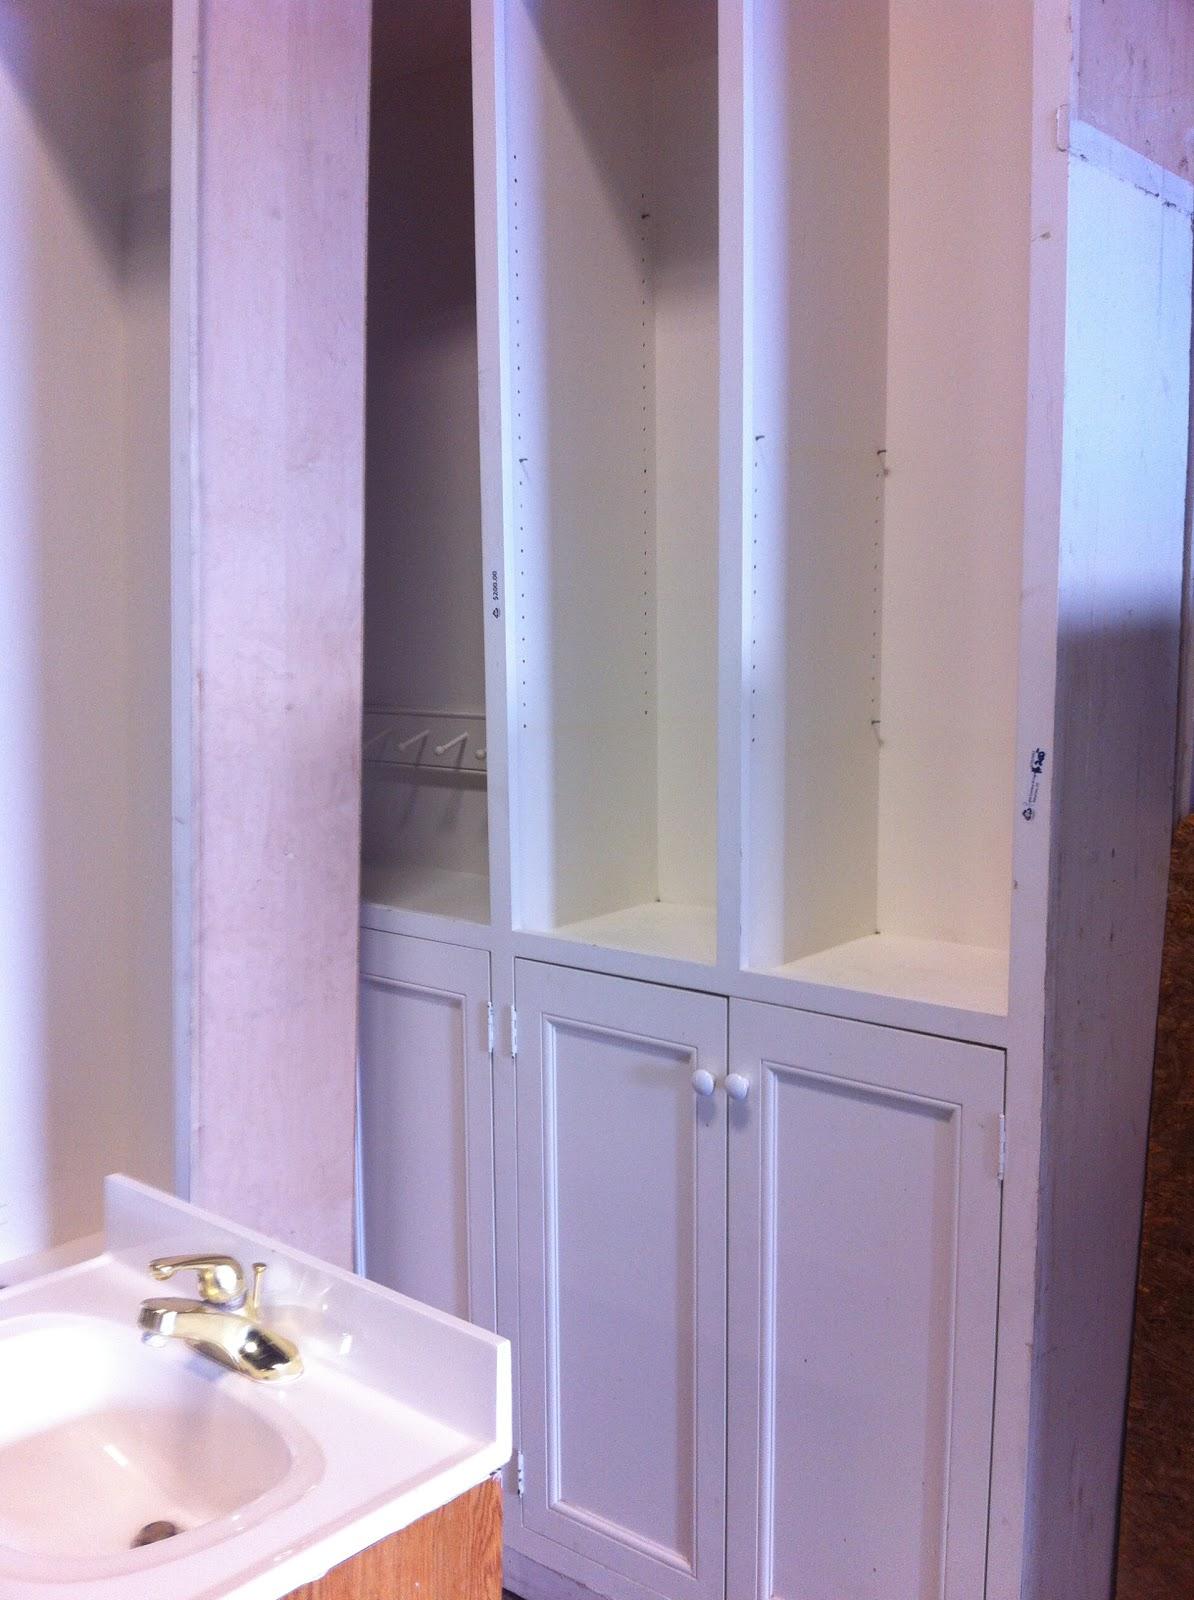 tre sorelle cottage: Entry way storage cabinet retrofit